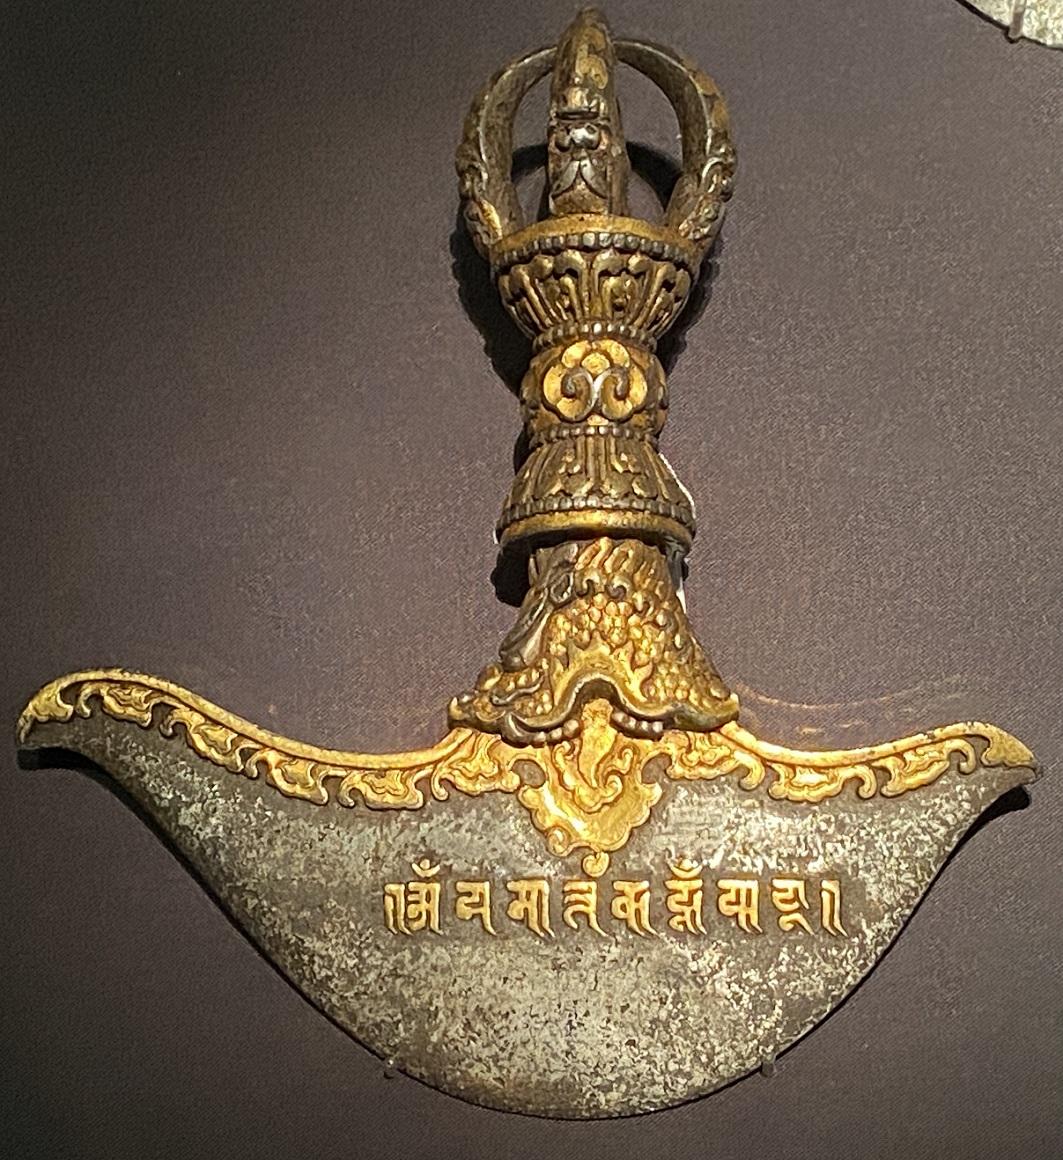 鉄鋄金鉞刀-特別展【七宝玲瓏-ヒマラヤからの芸術珍品】-金沙遺跡博物館-成都